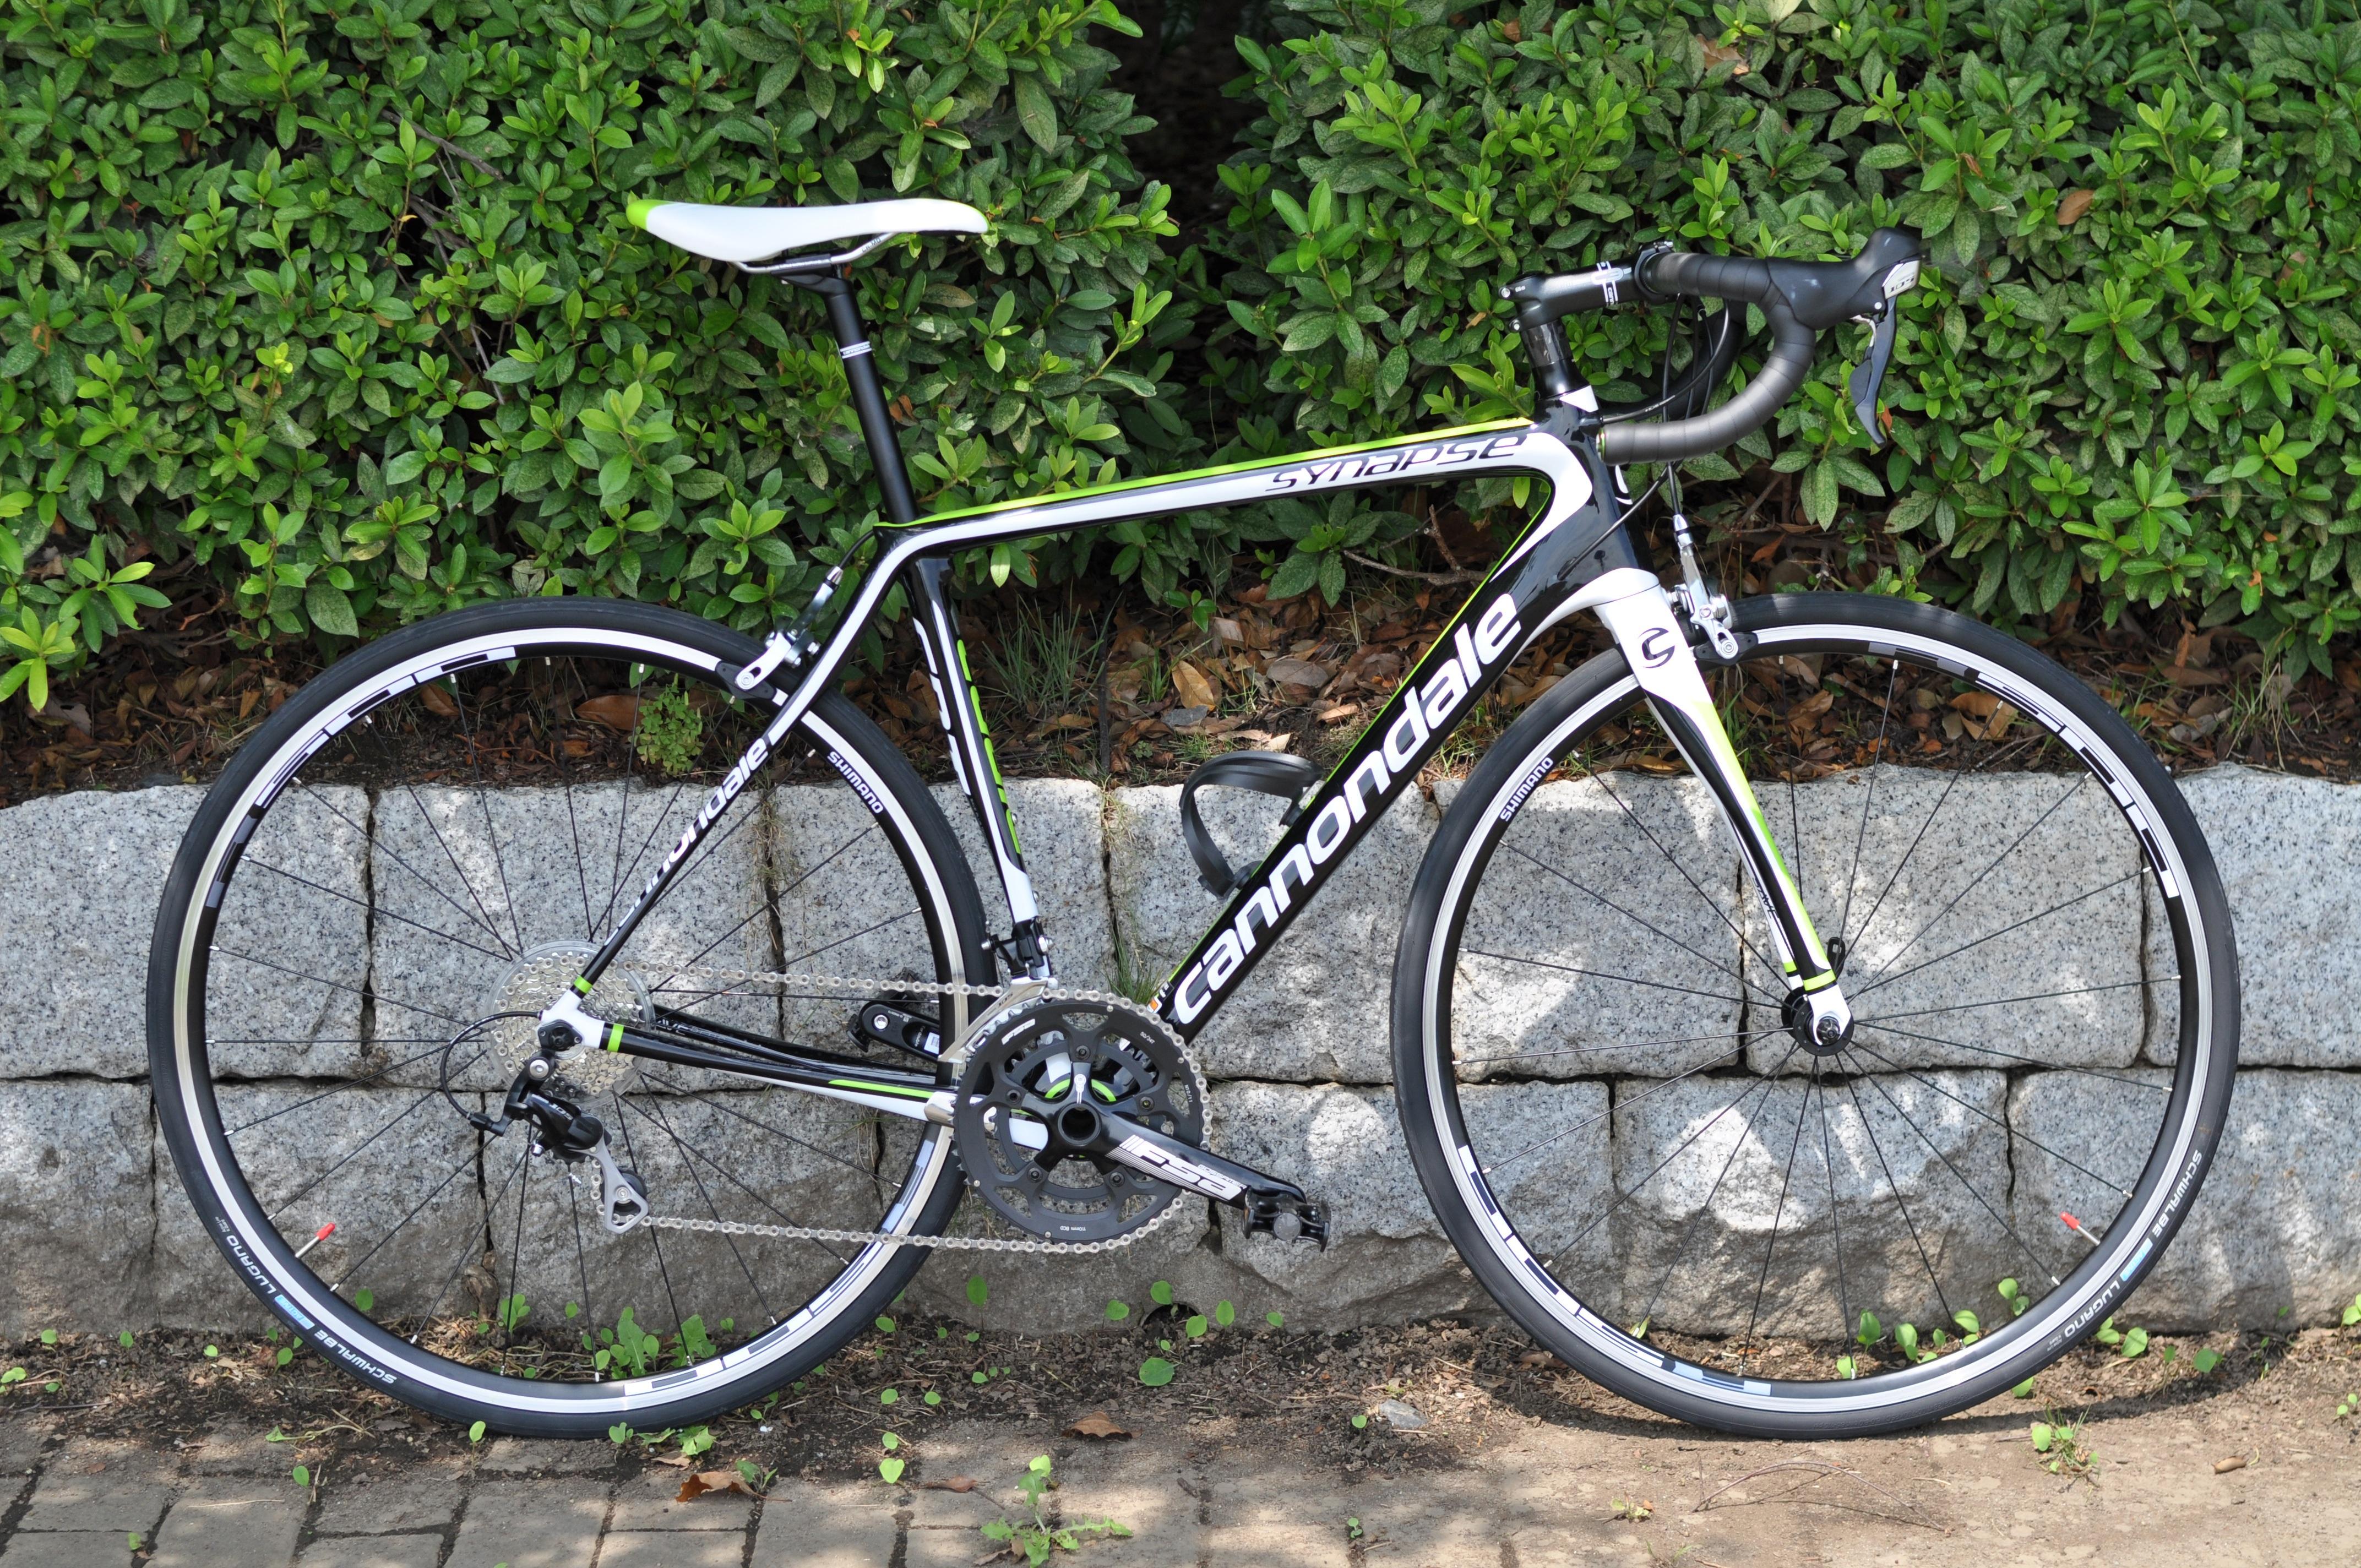 Kostenlose foto : Rad, Fahrzeug, Rahmen, Sportausrüstung ...